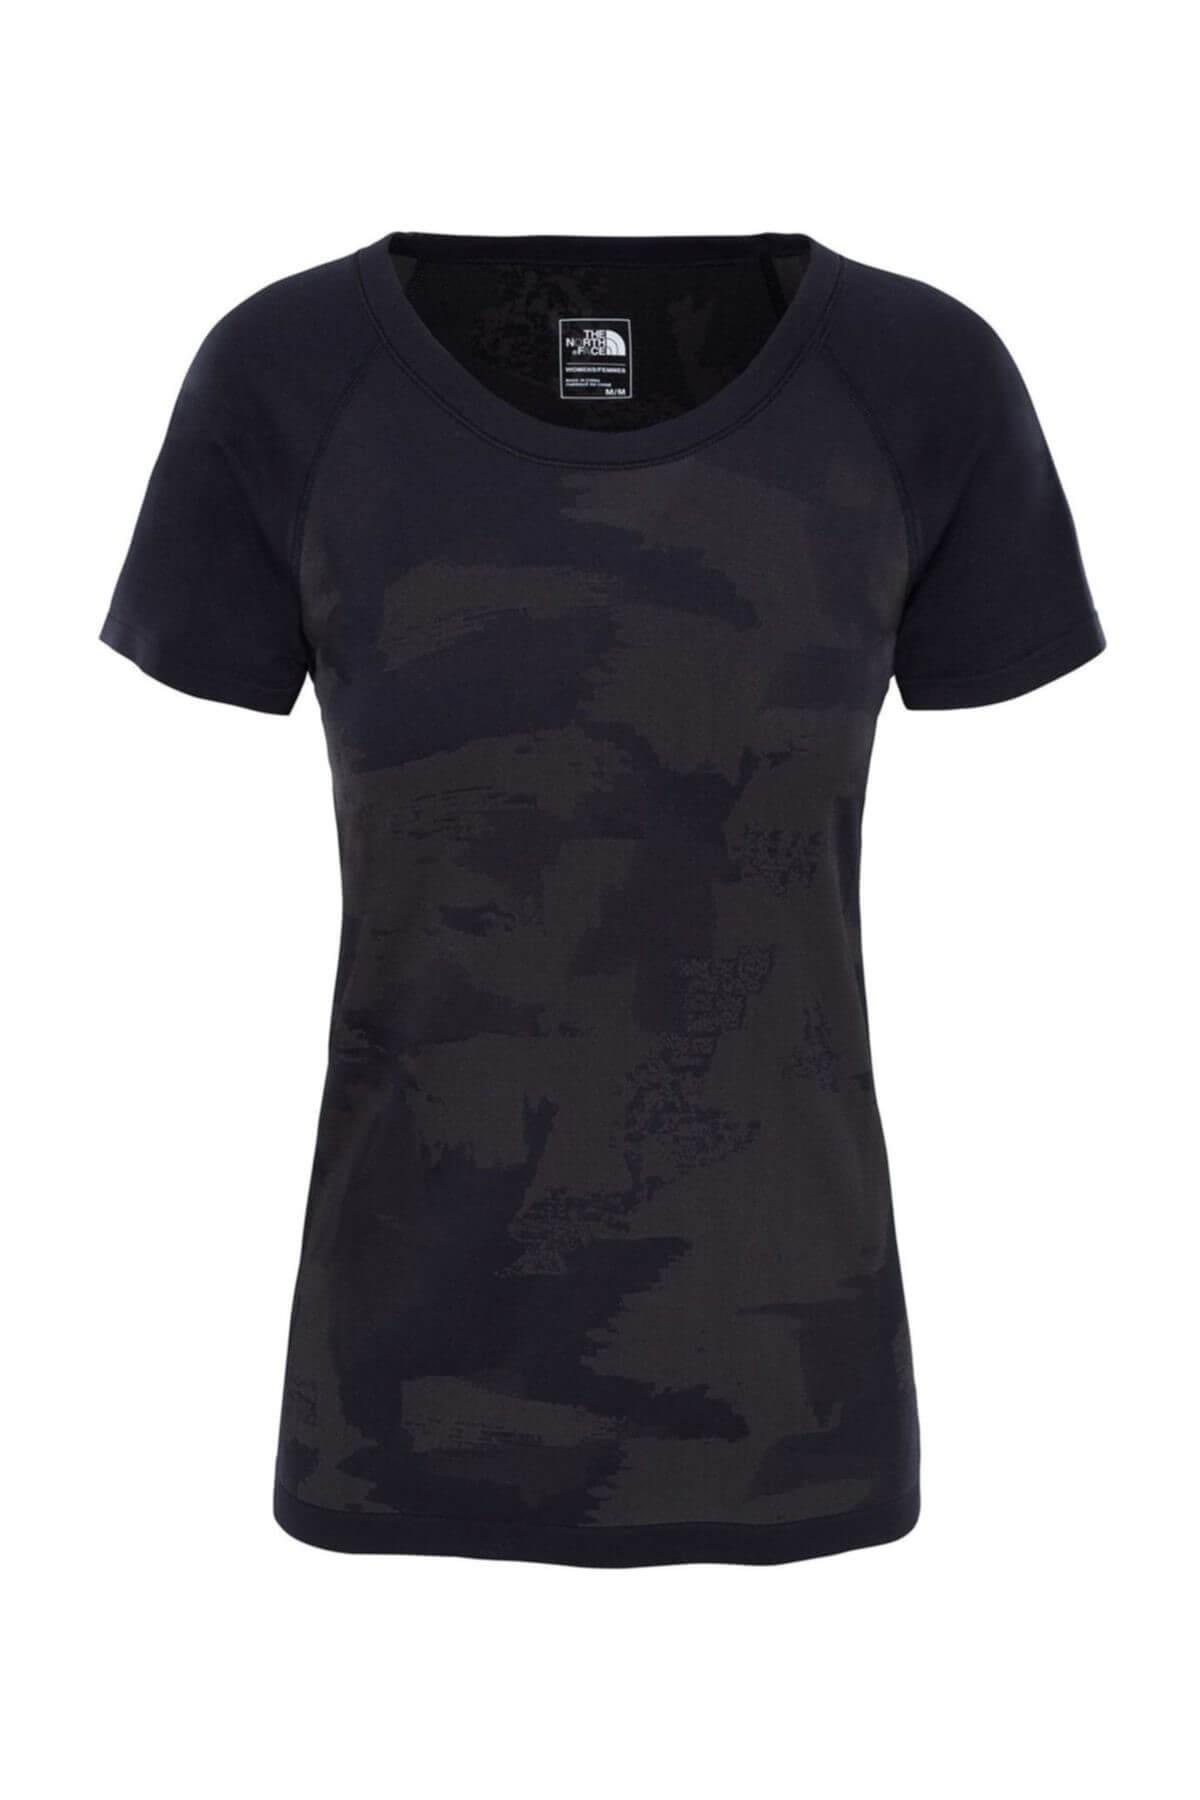 THE NORTH FACE Kadın T-shirt - T93F29Jk3 W SeamlesSs - T93F29JK3 1